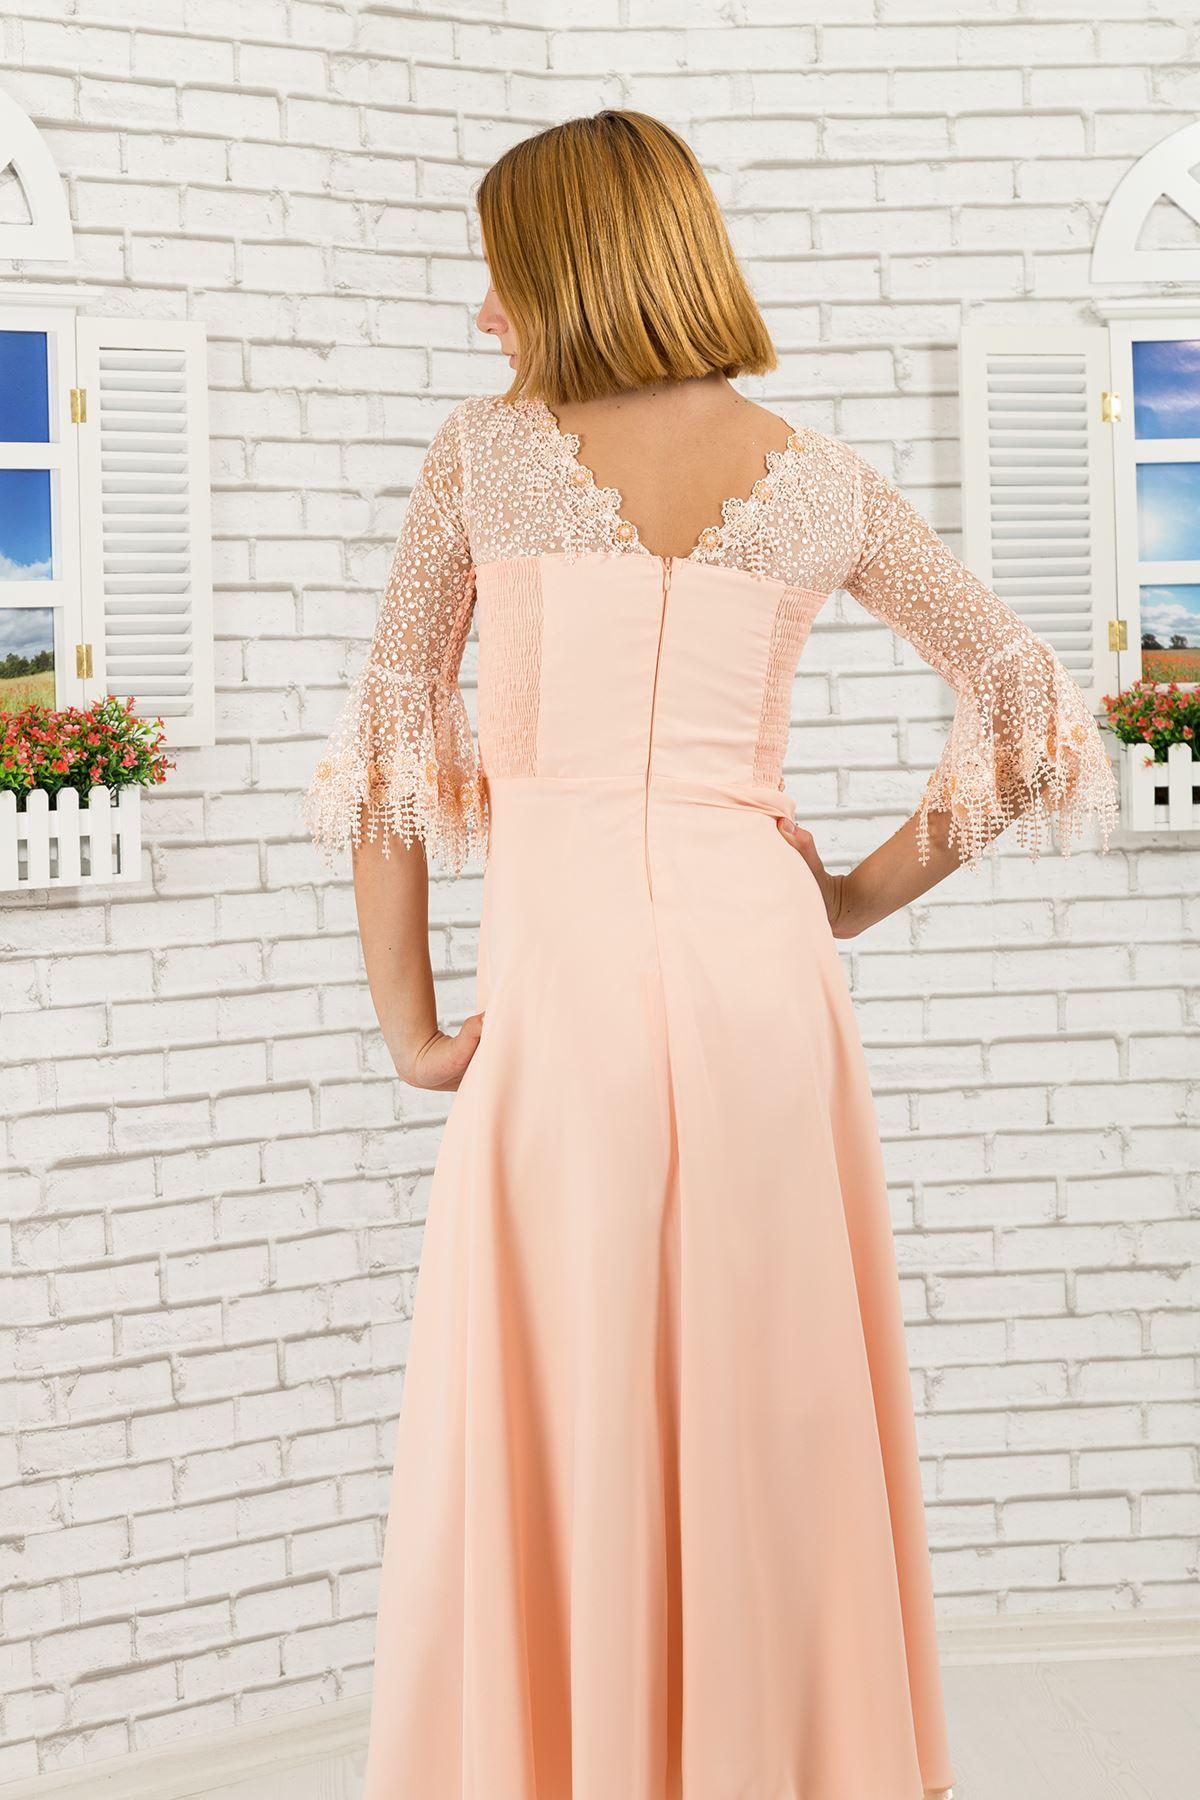 تفاصيل من الدانتيل ، فستان سهرة شيفون للبنات 464 لون سلمون